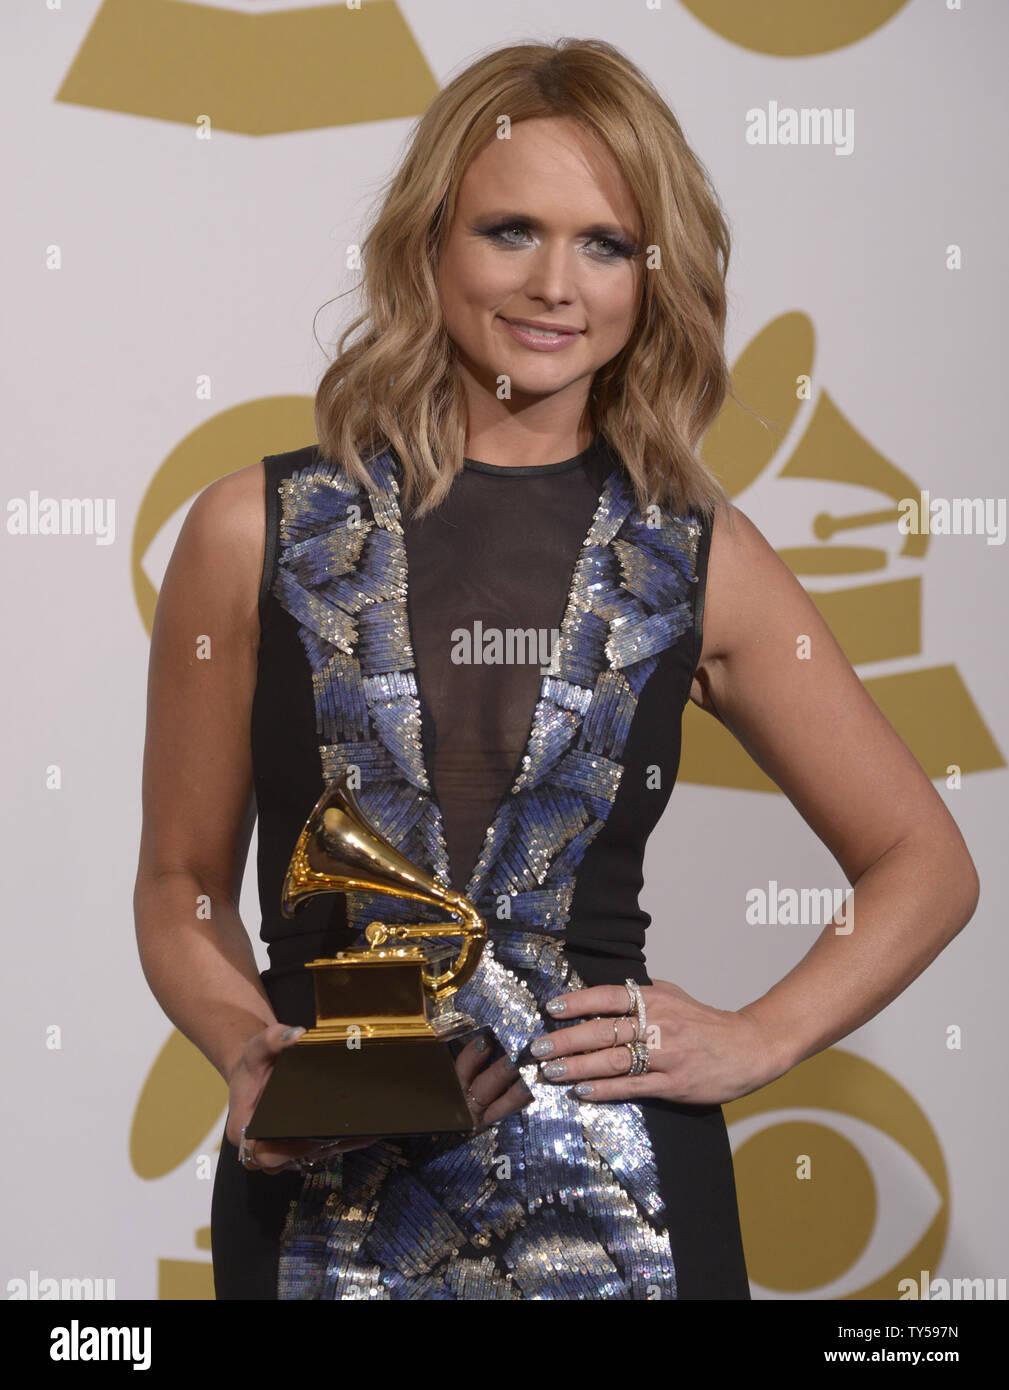 Singer Songwriter Miranda Lambert Winner Of Best Country Album For Platinum Poses Backstage During The 57th